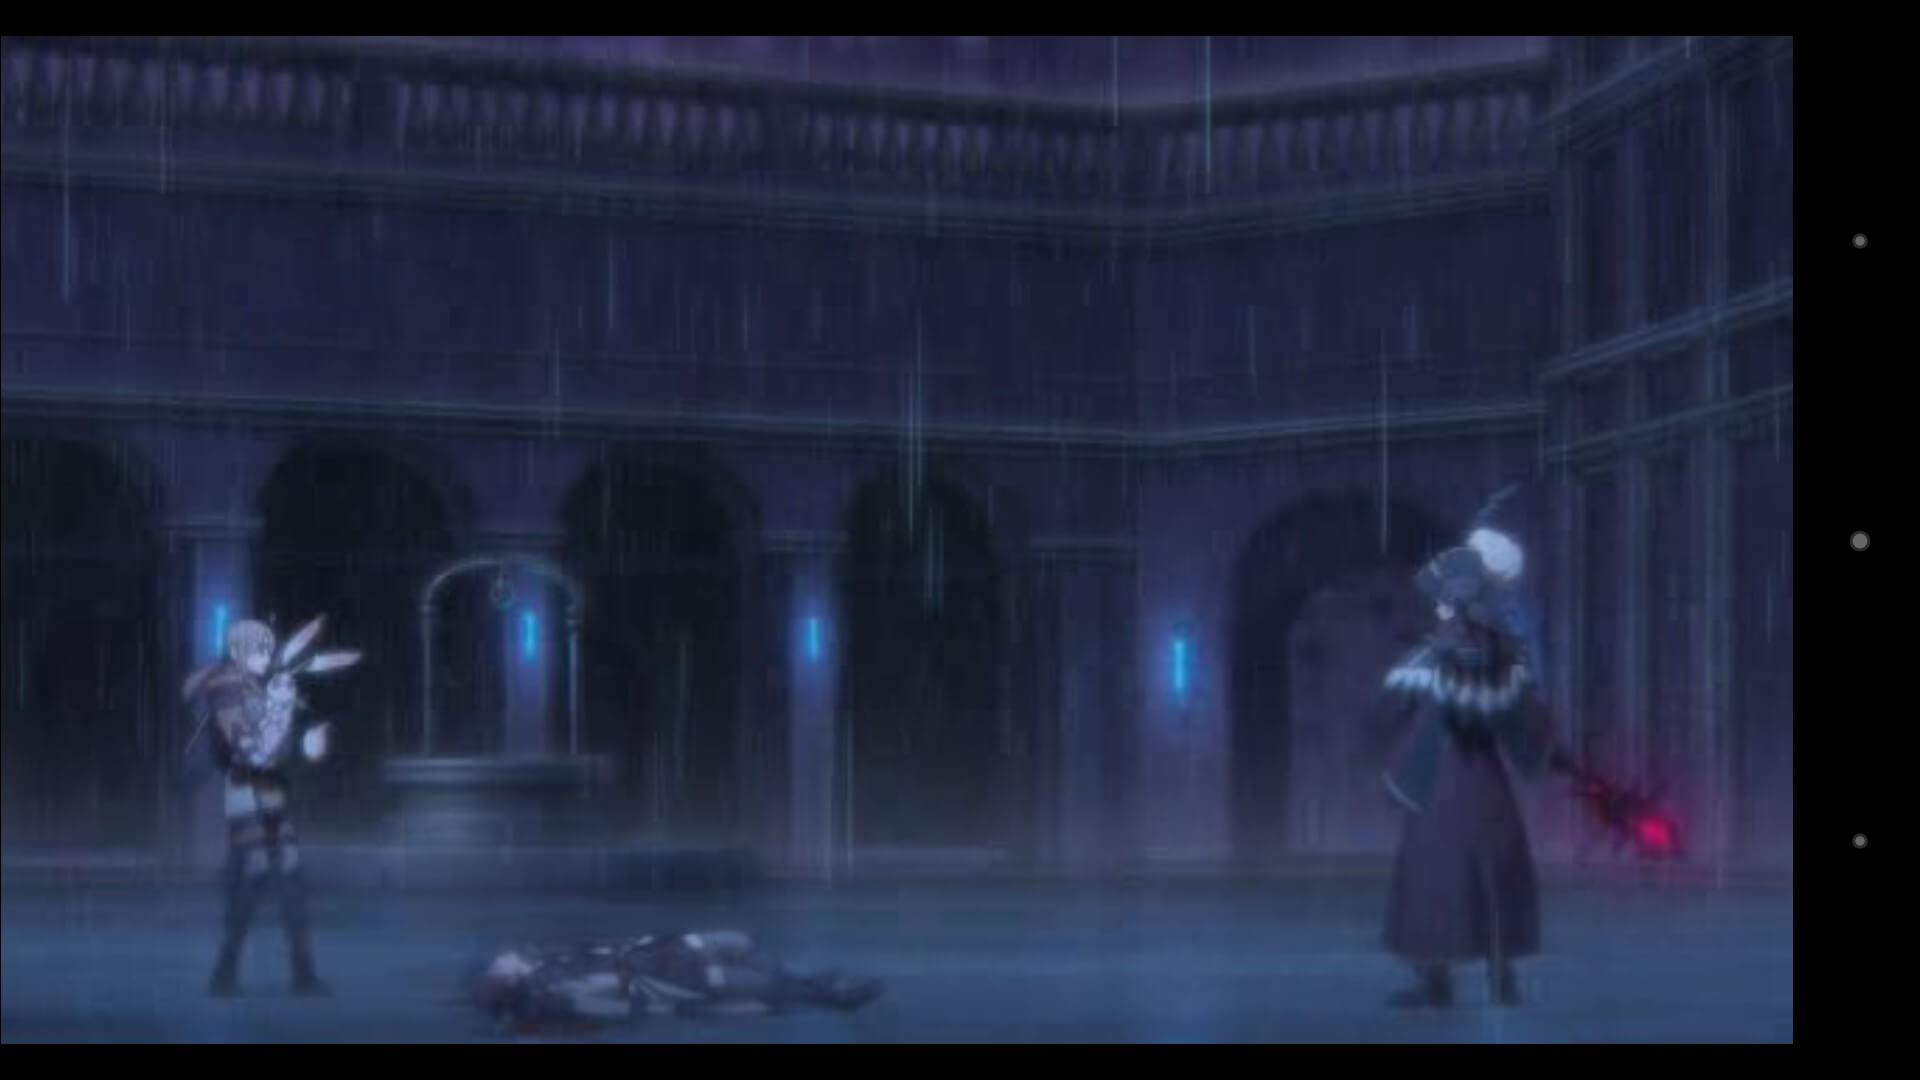 敵の攻撃の前に倒れる主人公、雨の中で絶望的な状況が広がります。